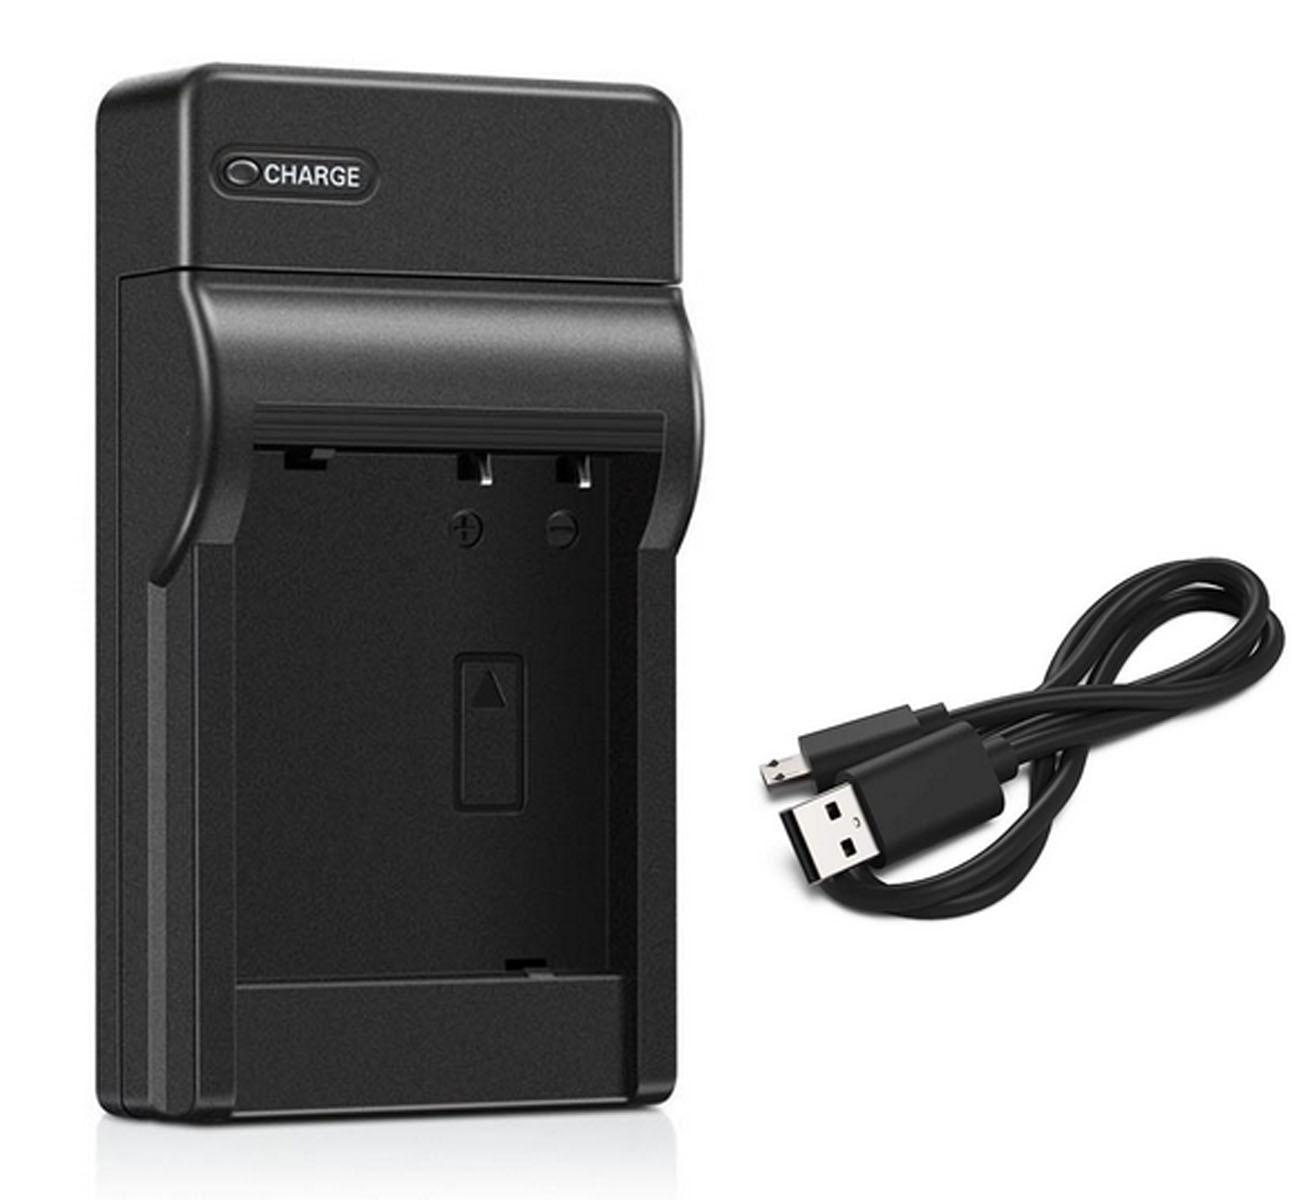 Battery Charger for Sony DCR-TRV210, DCR-TRV230, DCR-TRV240, DCR-TRV250, DCR-TRV260, DCR-TRV270, DCR